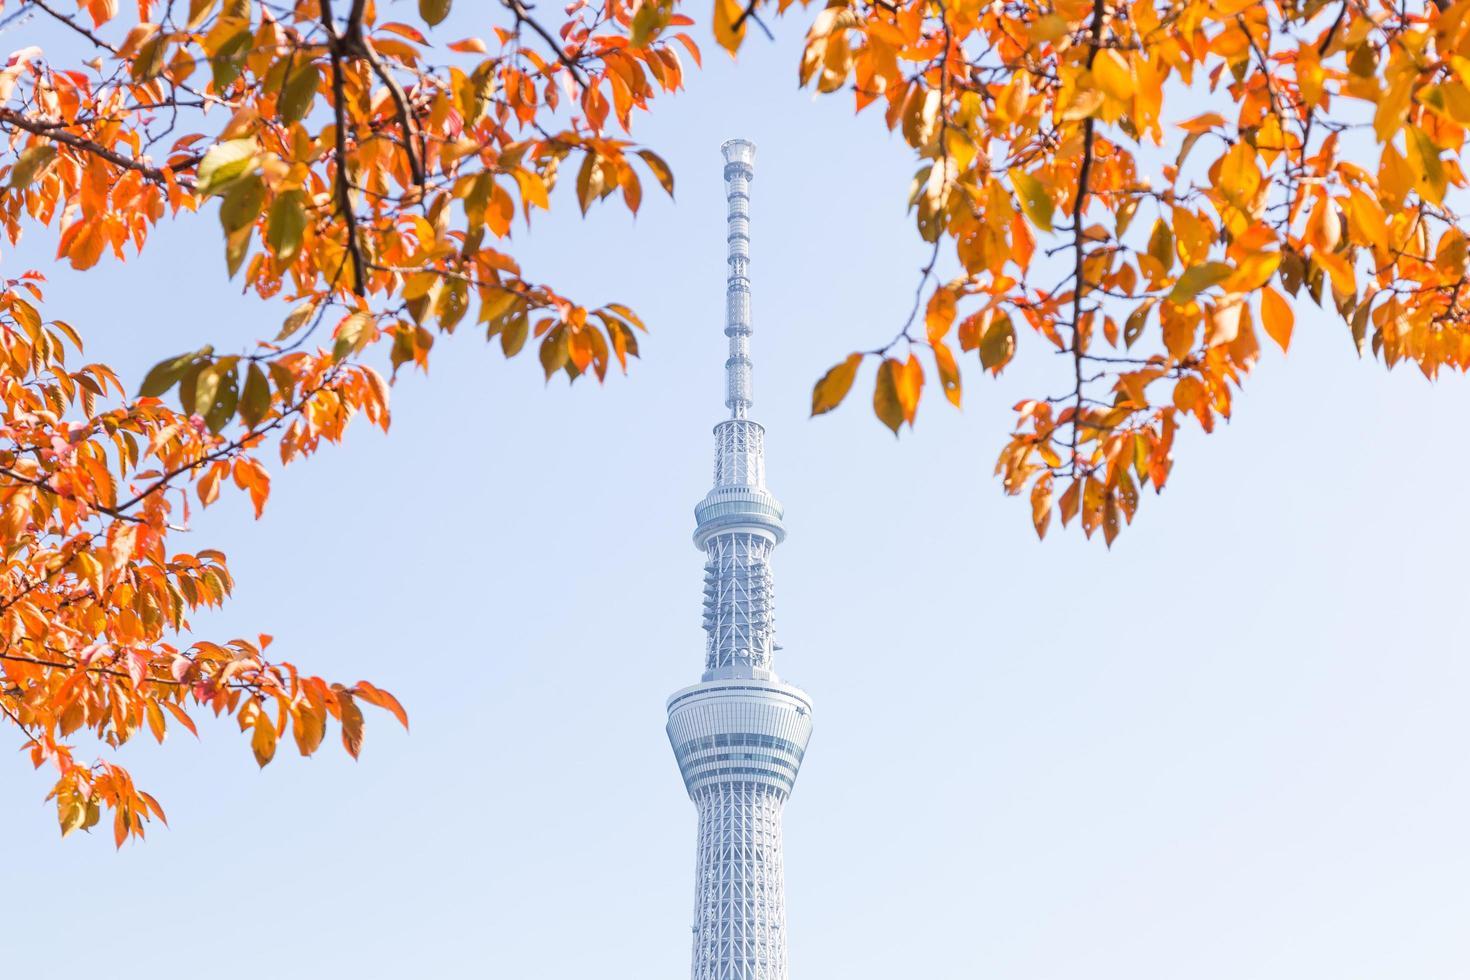 tokyo sky tree, tokio, japón - 14 de noviembre de 2016 foto